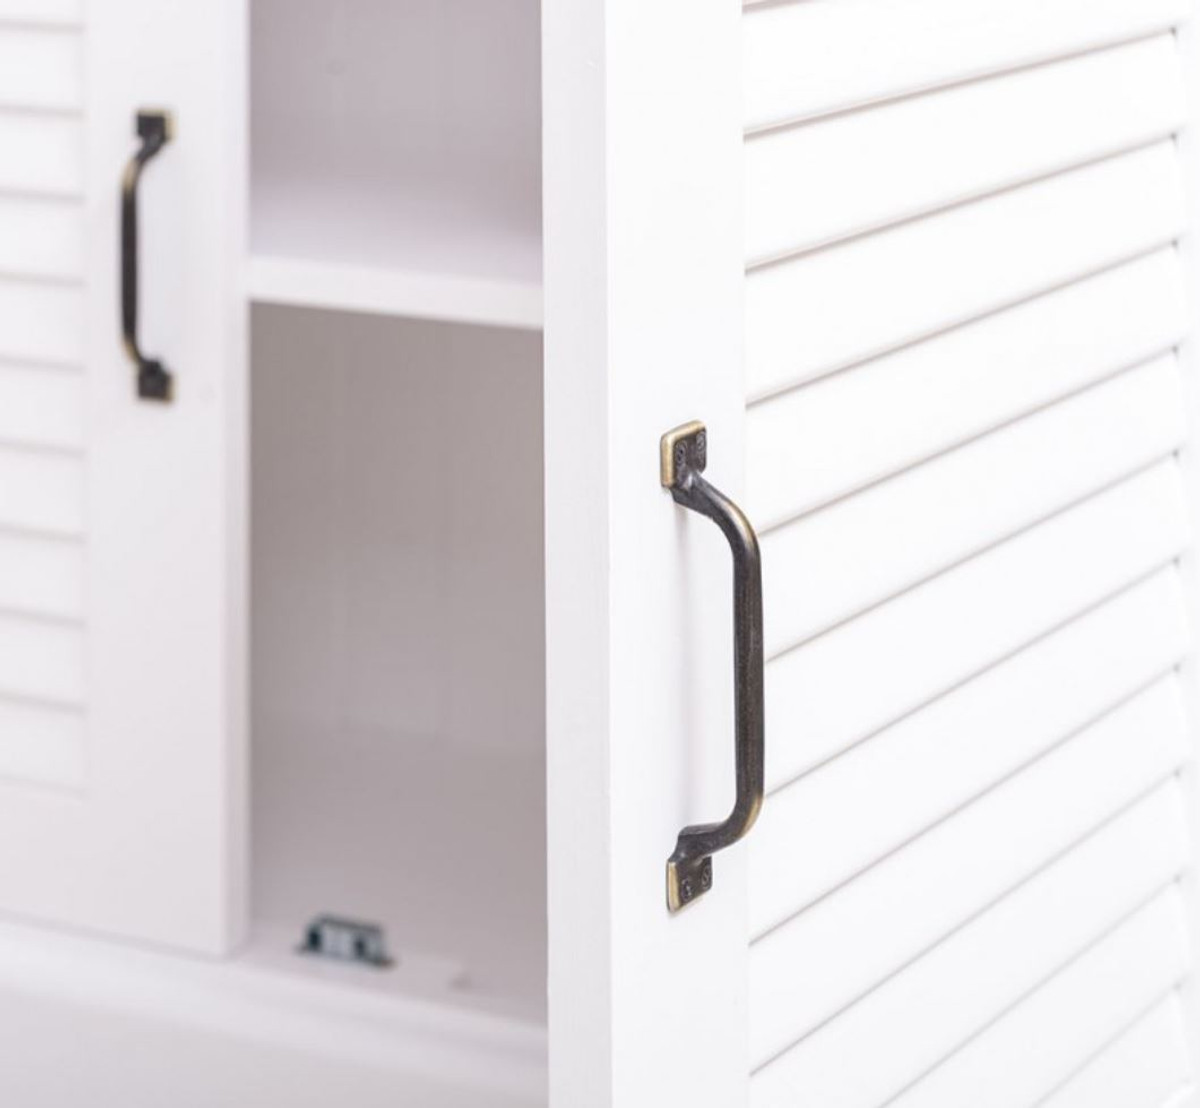 Casa Padrino Landhausstil Massivholz Schrank mit 4 Türen Weiß 64 x 39 x H. 210 cm - Regalschrank - Wohnzimmerschrank - Vitrinenschrank - Landhausstil Möbel 3